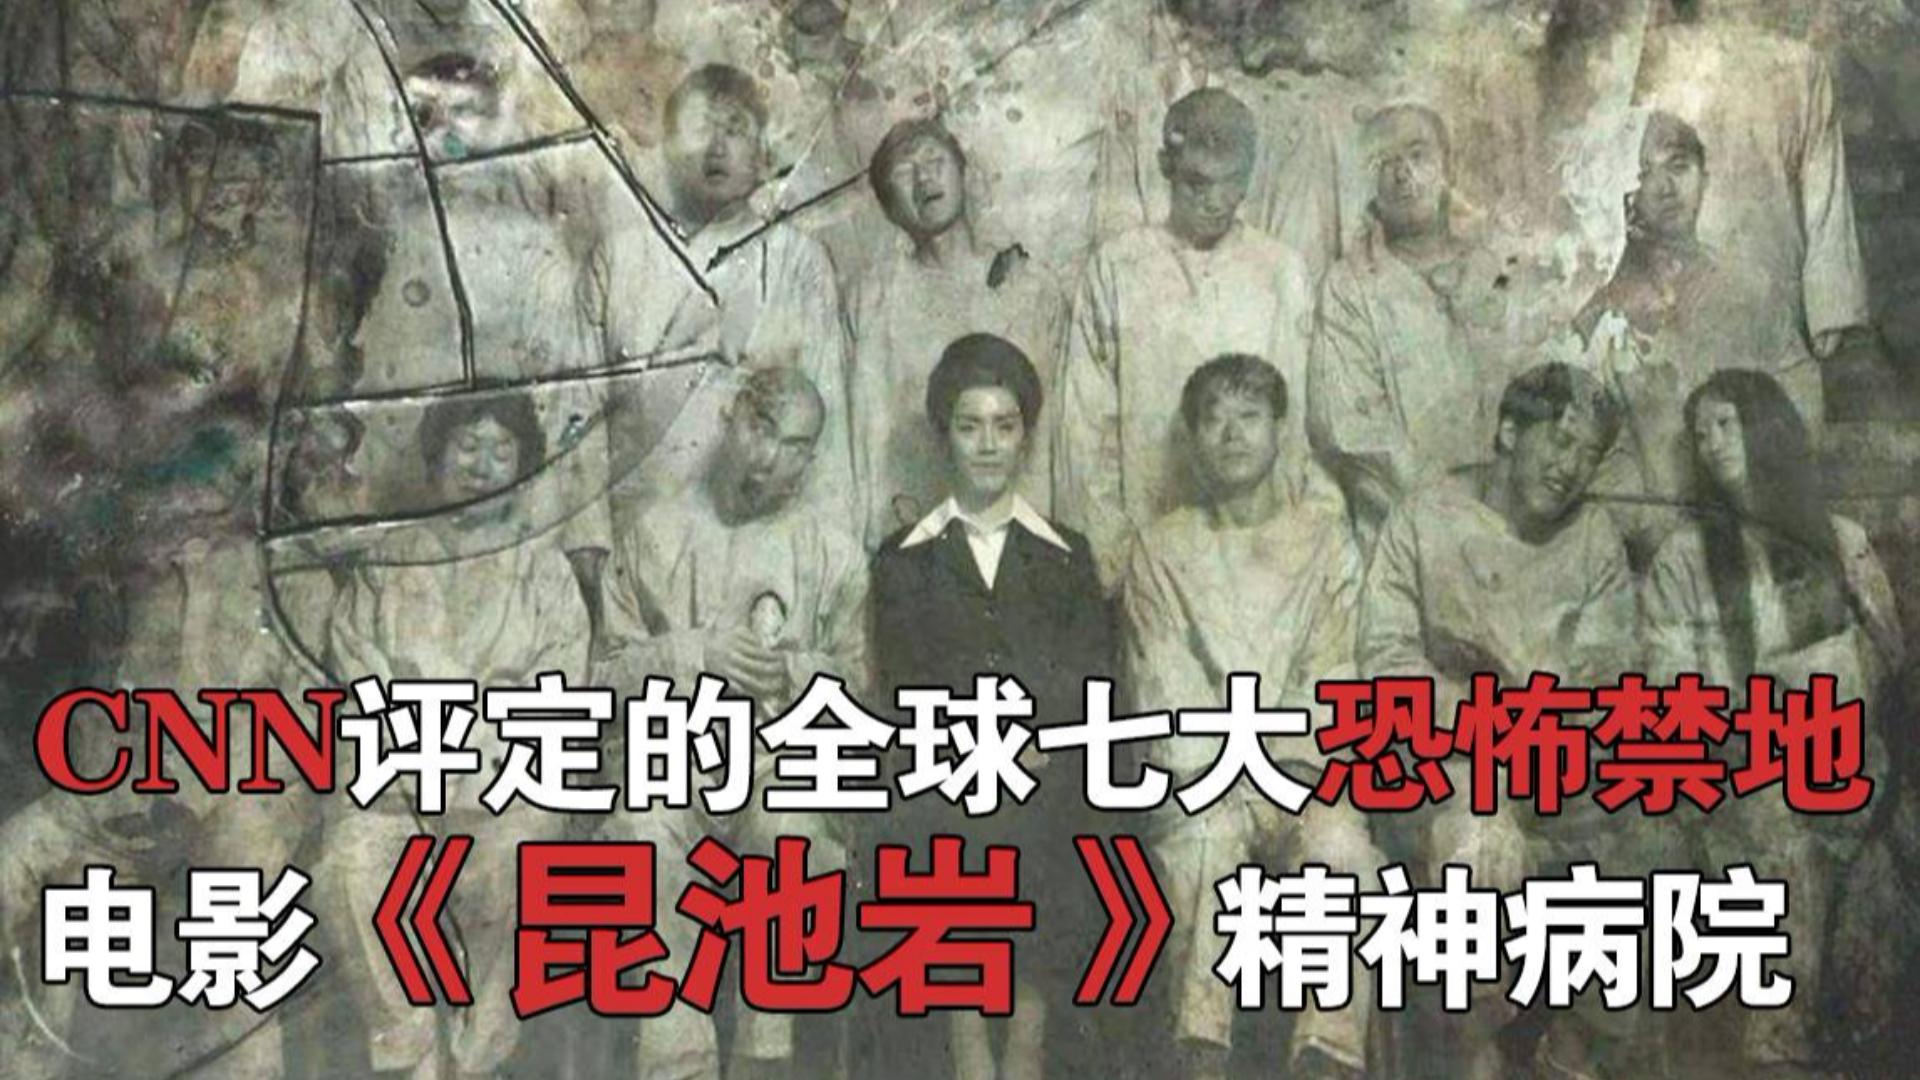 CNN评定的全球七大恐怖禁地一一昆池岩精神病院,如今被拍成恐怖片《昆池岩》,到达韩国恐怖电影的极限